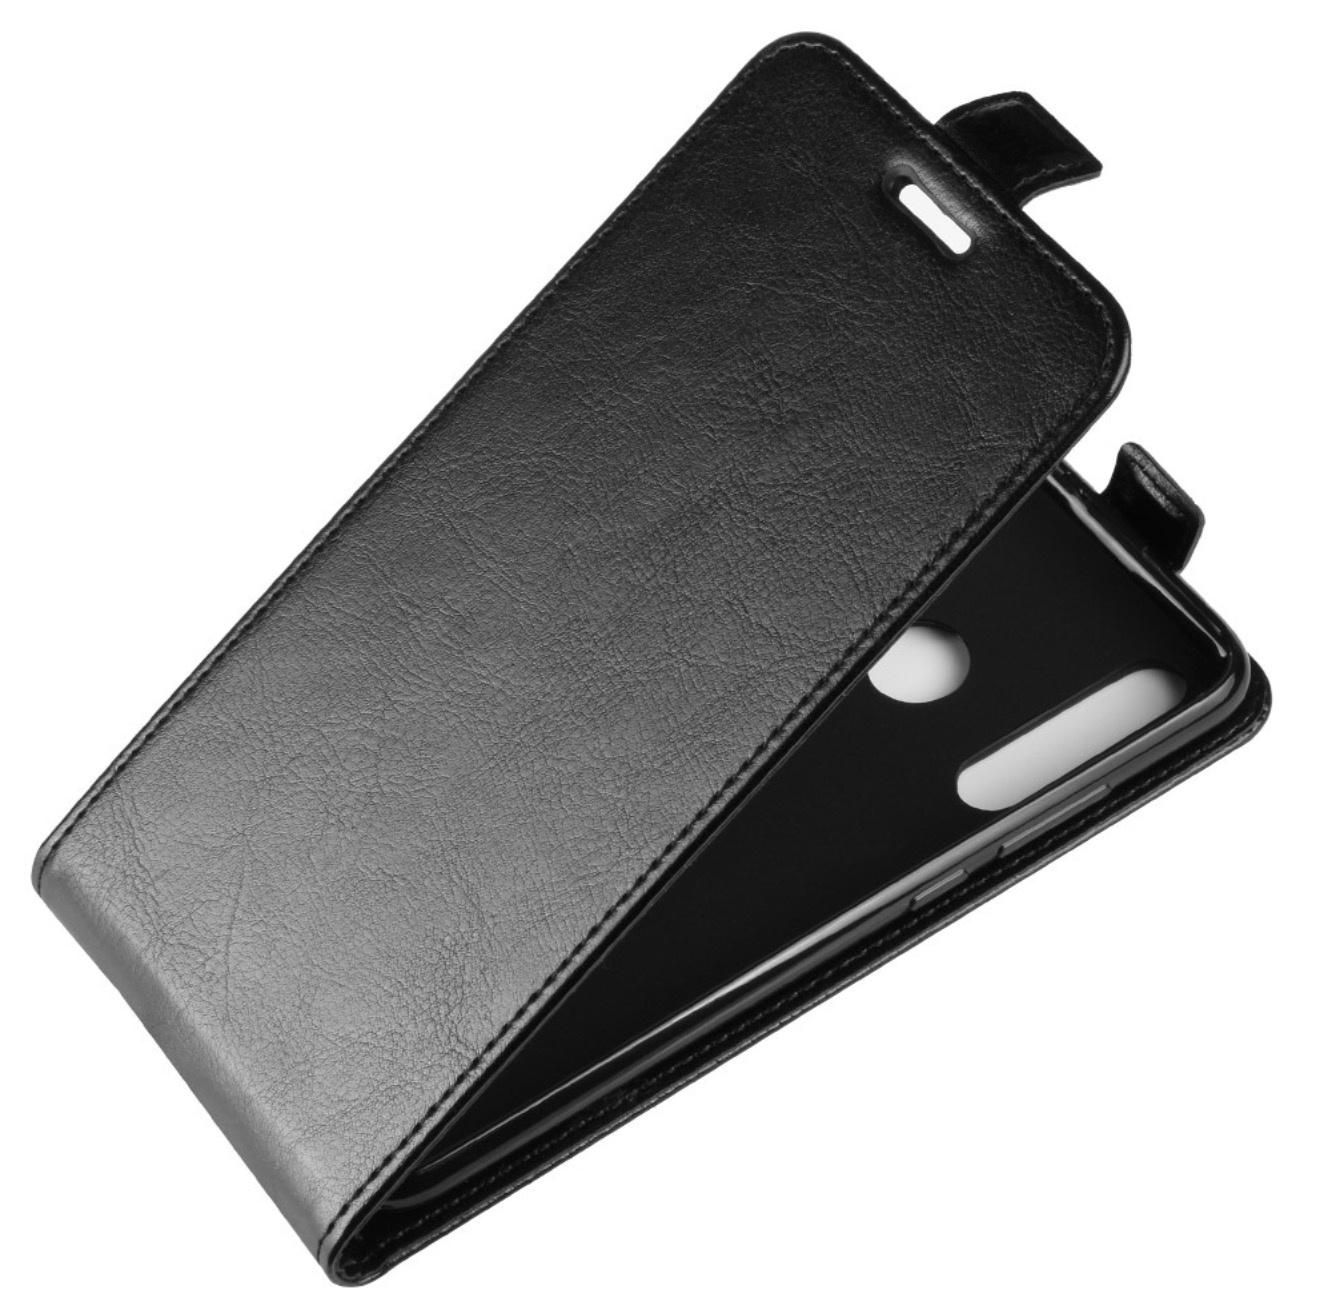 цены на Чехол-флип MyPads для Lenovo Vibe Shot Z90/Z90-3/Z90-7/Z90-A40/Z90A40 LTE 5.0 вертикальный откидной черный  в интернет-магазинах